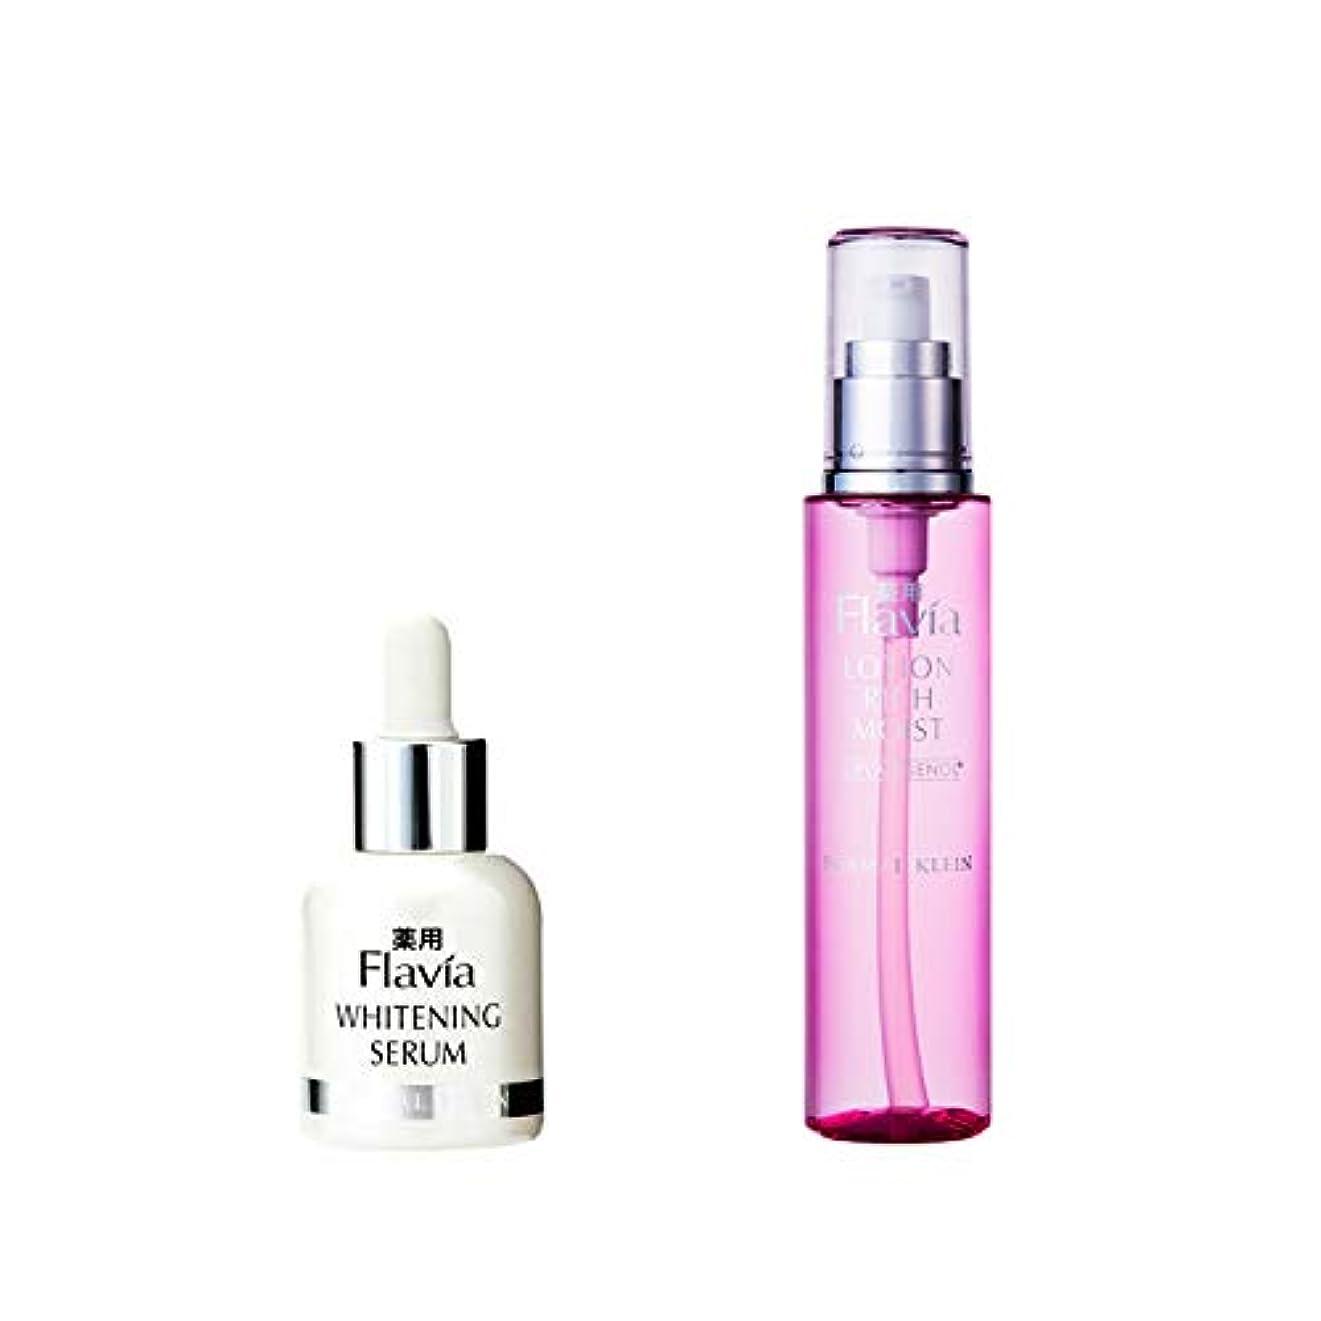 目指す変装した固有のフォーマルクライン 薬用フラビア 美白美容液(30ml)、化粧水(リッチモイスト150ml)2点セット